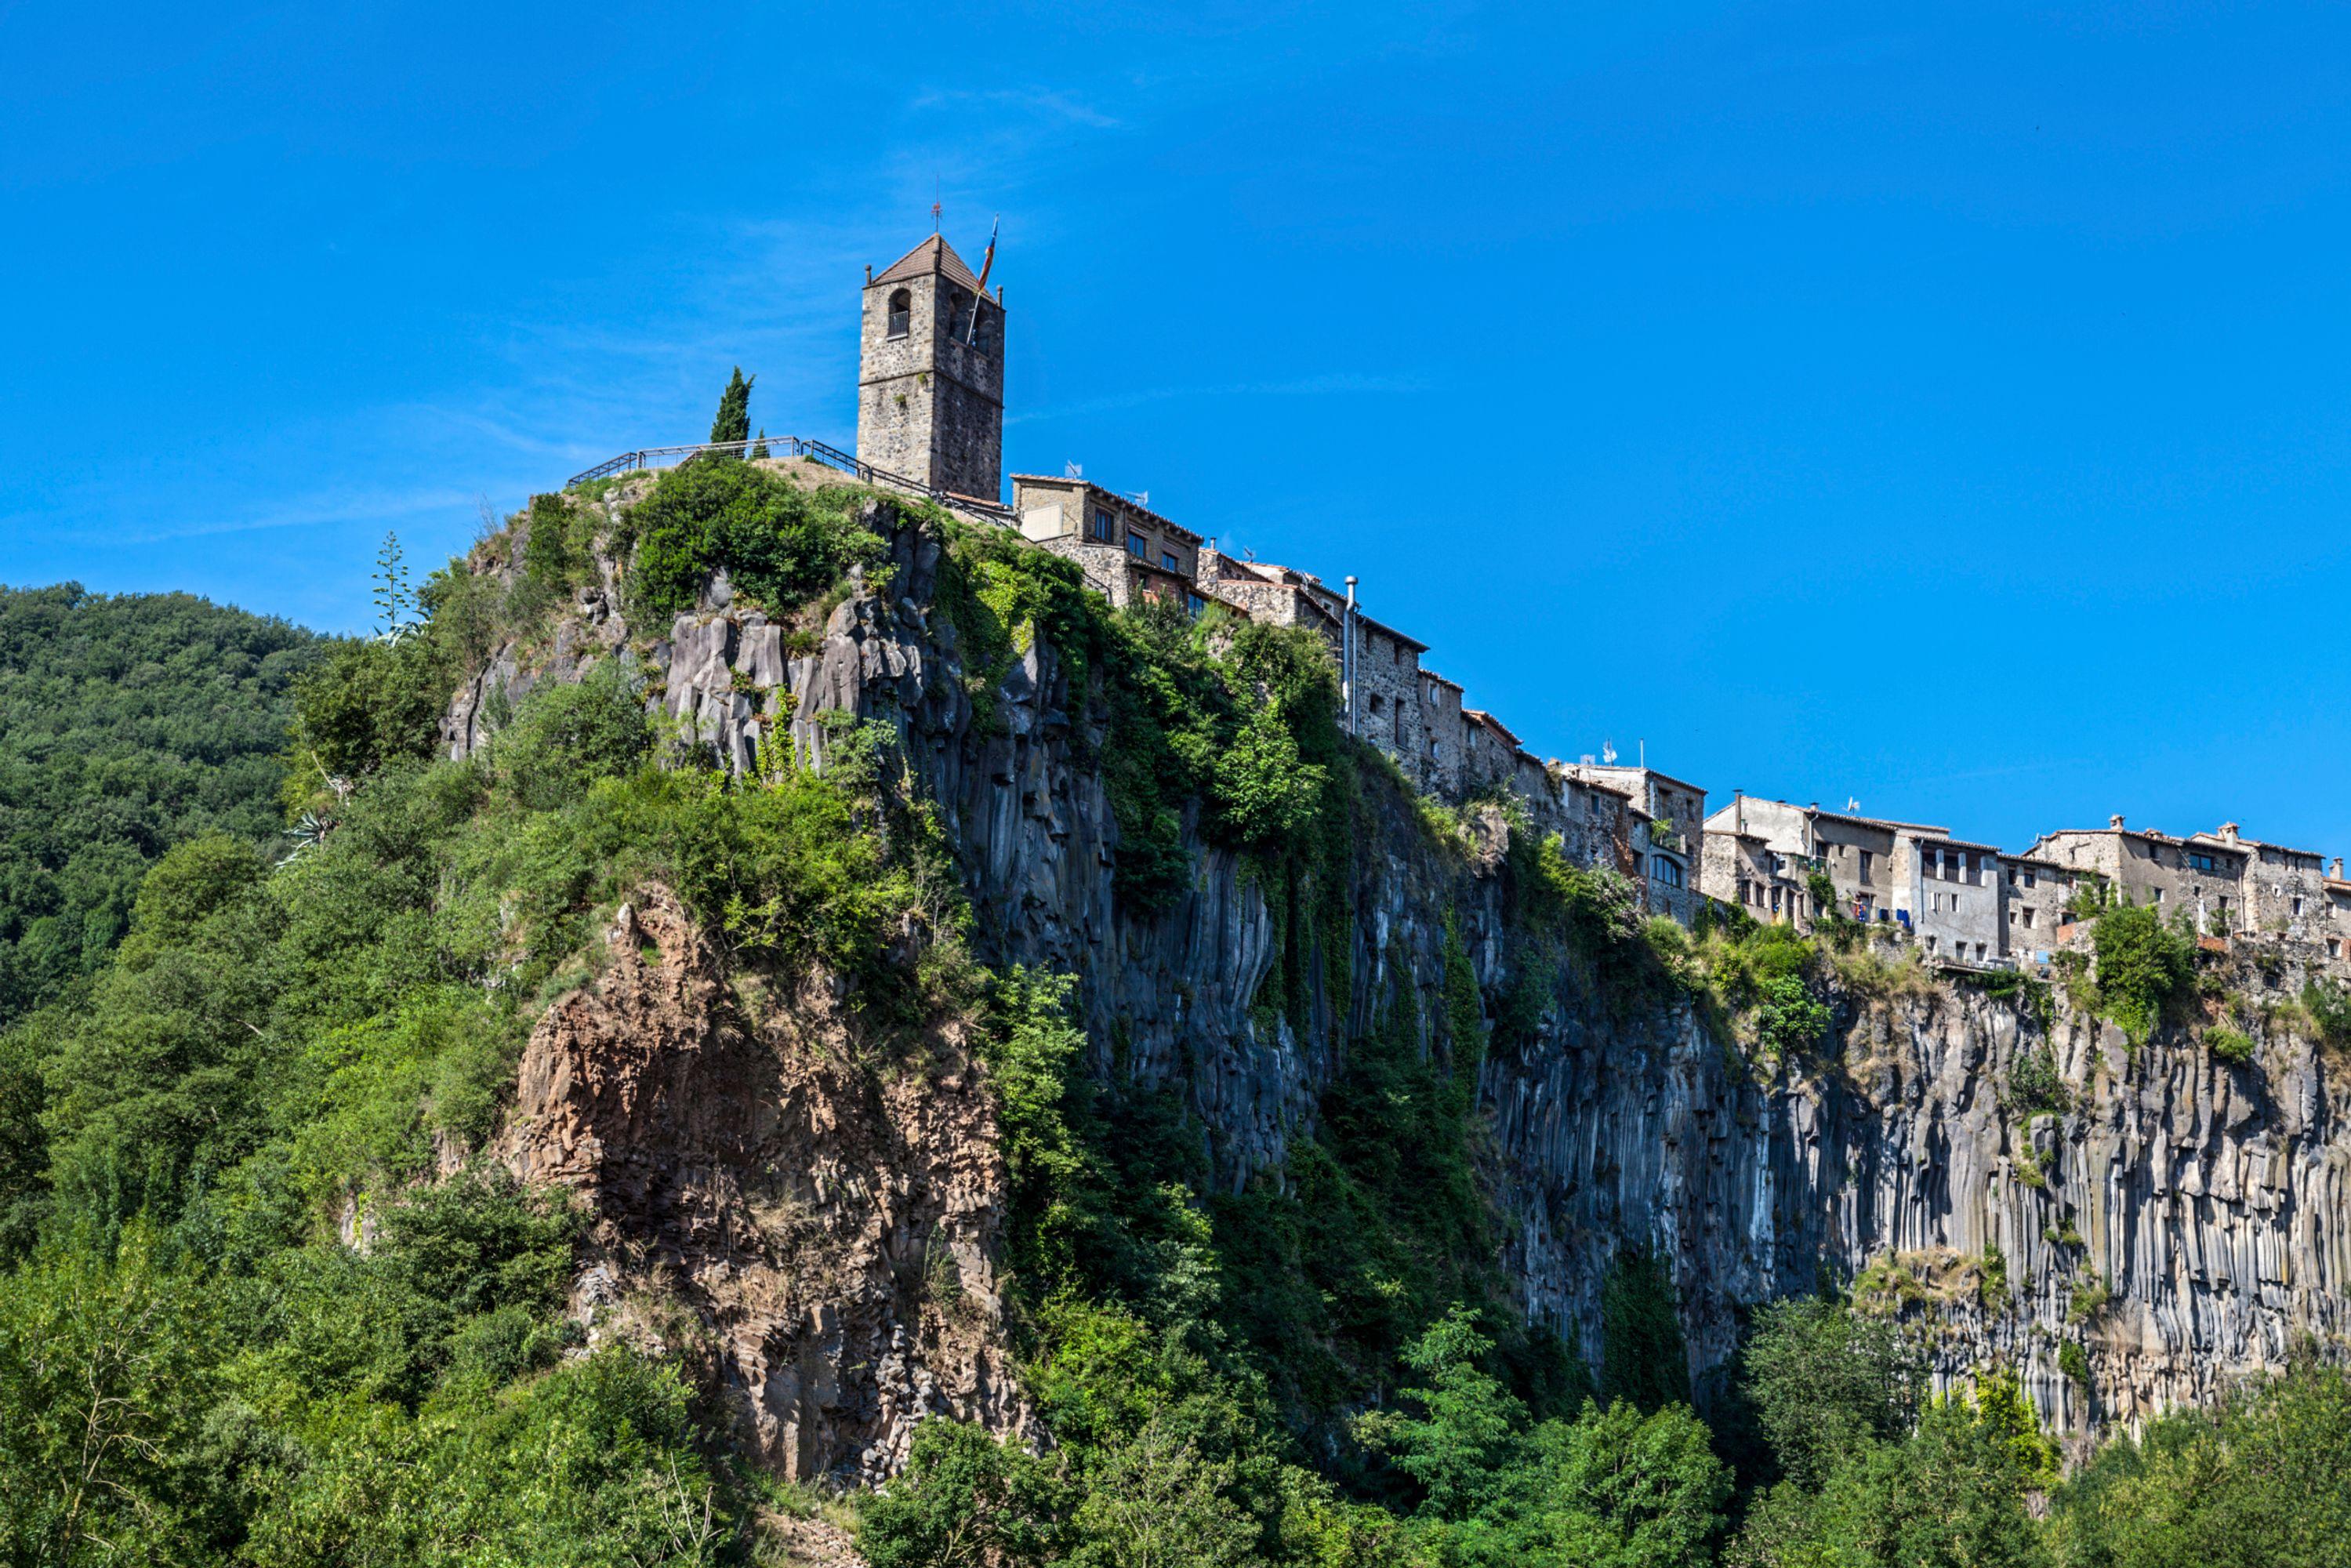 Spain-catalonia-garrotxa-castellfollit-de-la-roca-girona-503191825